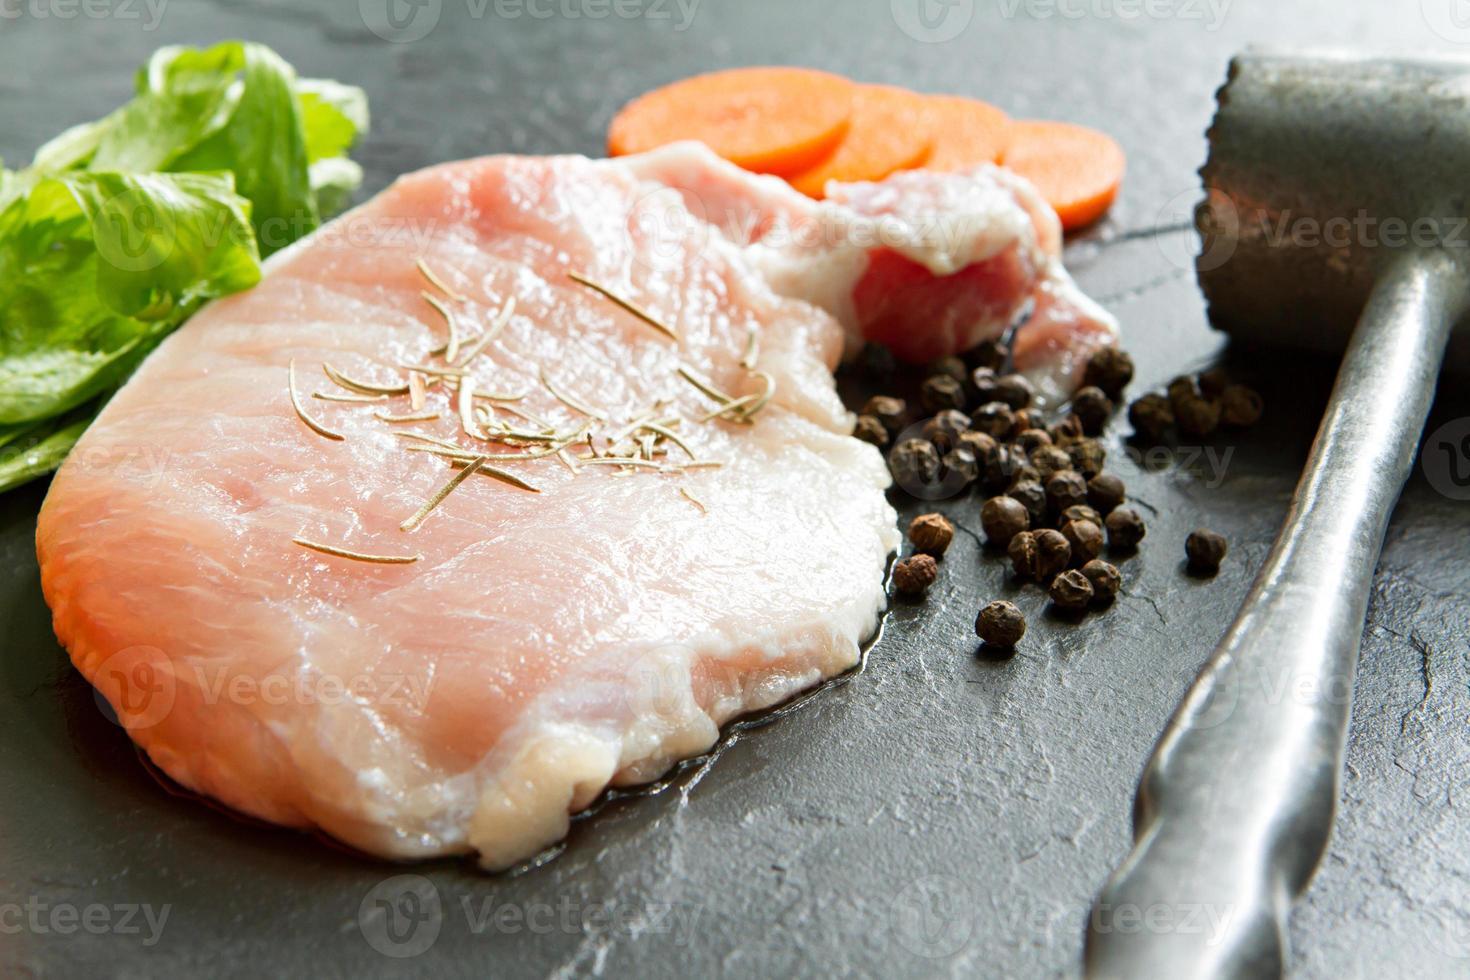 varkensvlees met peper, rozemarijn, wortel, selderij en vleeshamer. foto